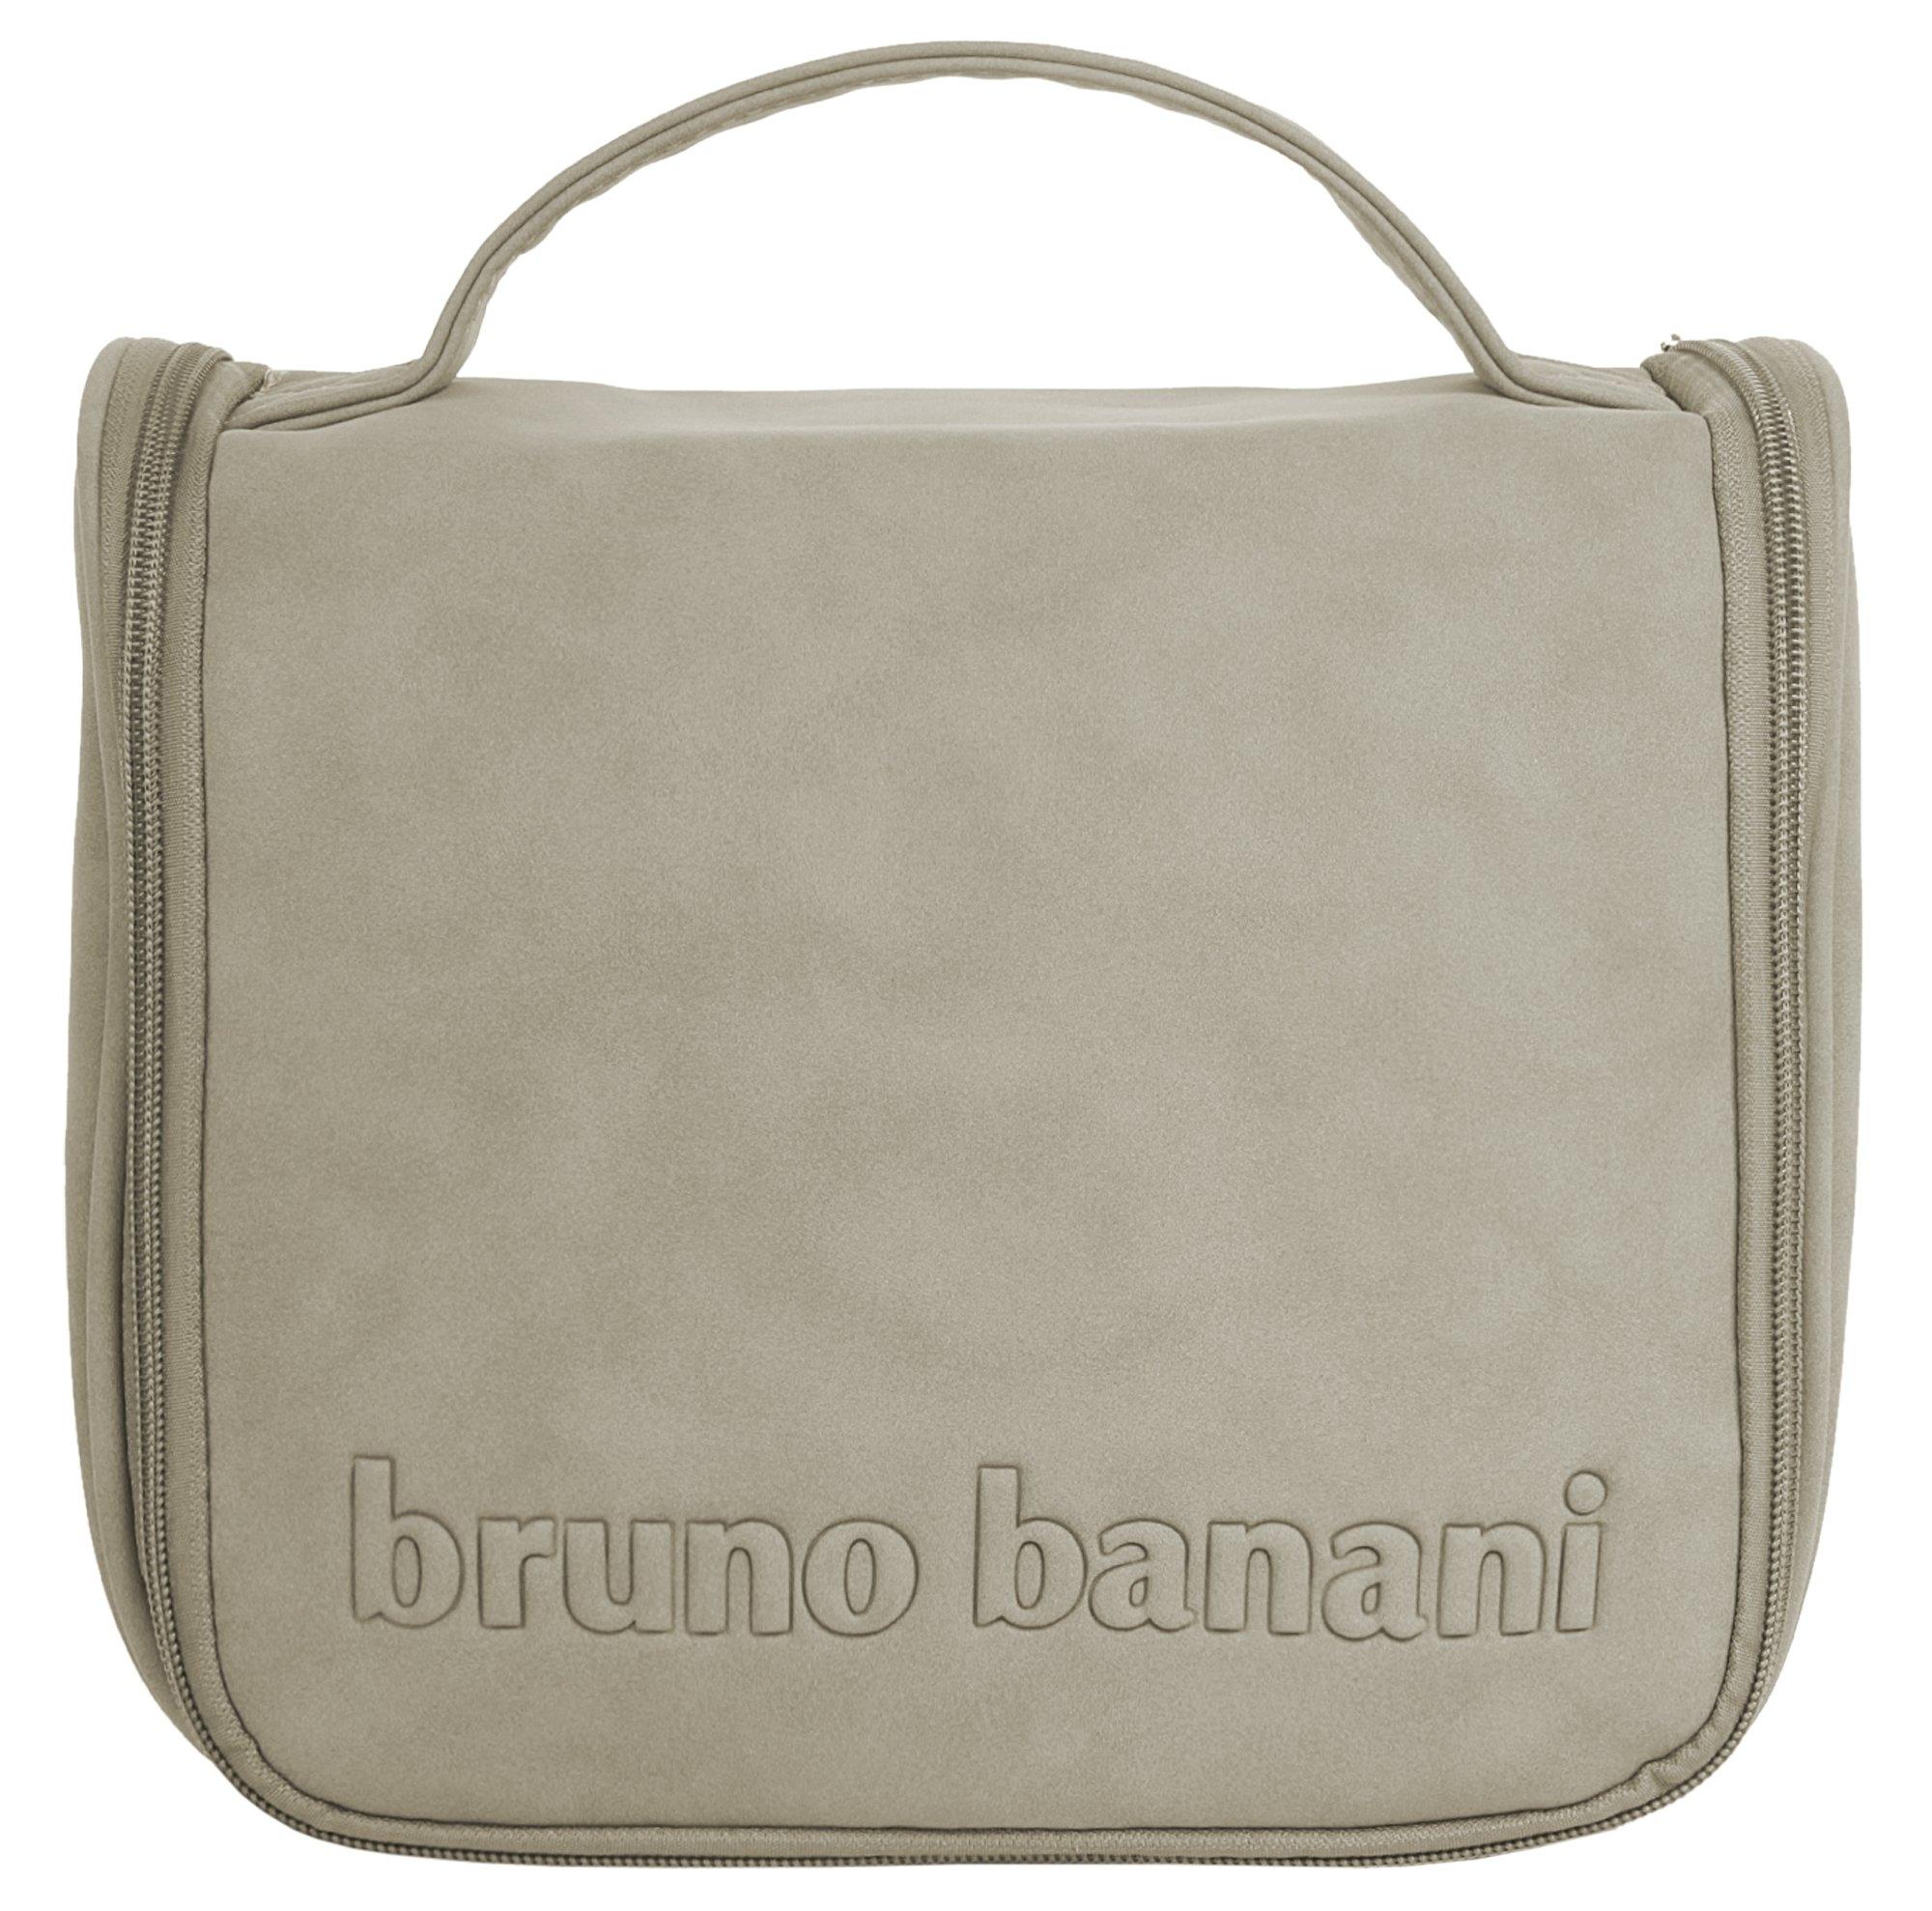 Bruno Banani Toilettasbruno Toilettasbruno Bruno Banani Gekocht Makkelijk 6v7yfYgb